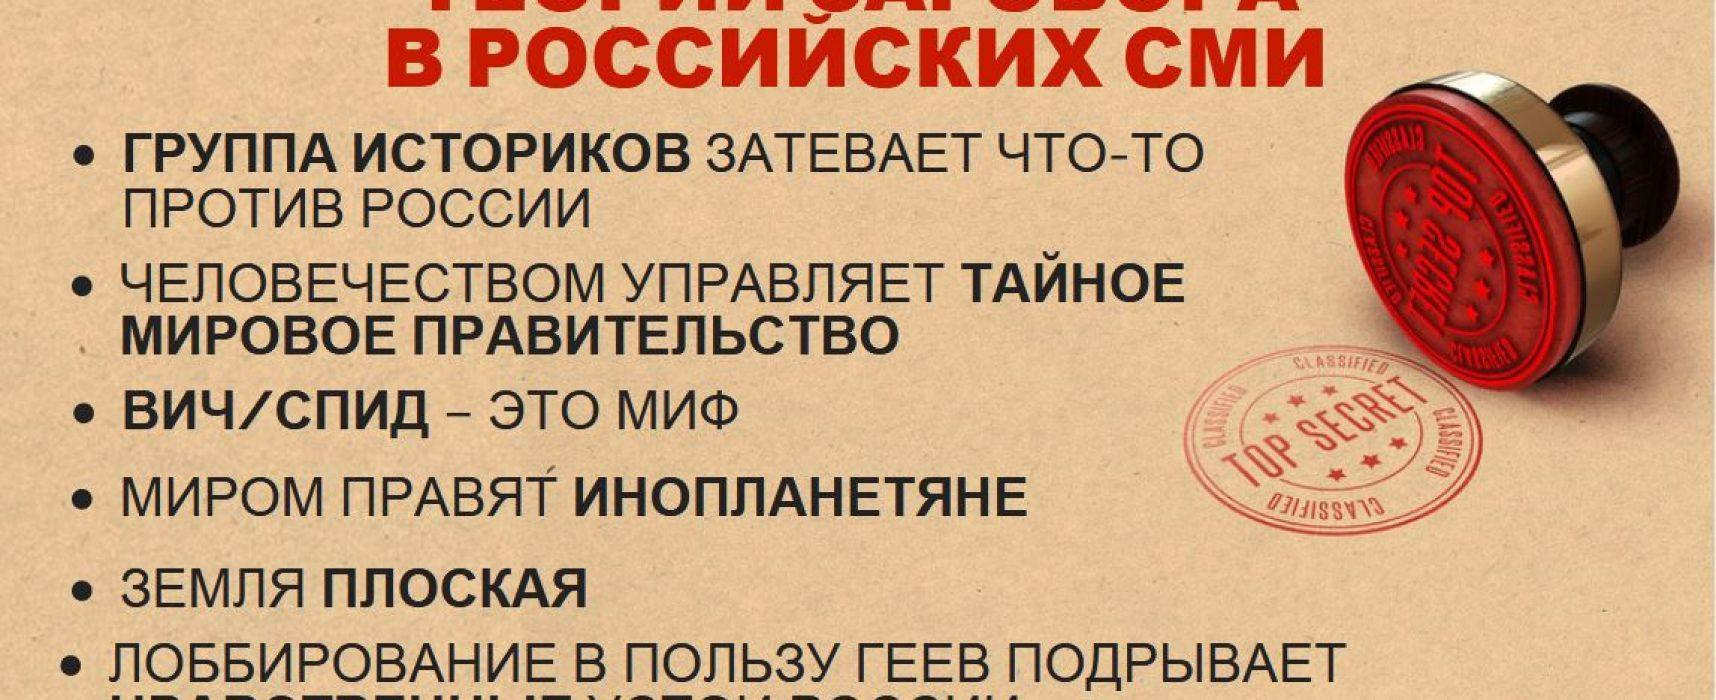 Всички са срещу Русия: конспиративните теории в руските медии